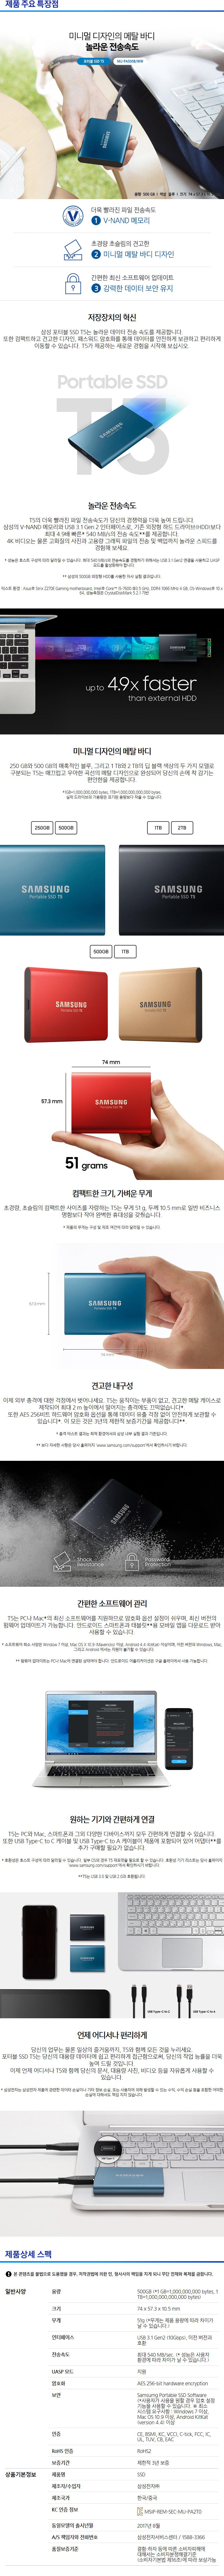 삼성전자(SAMSUNG ELECTRONICS) 삼성 외장SSD T5 500GB 블루 :순차발송: